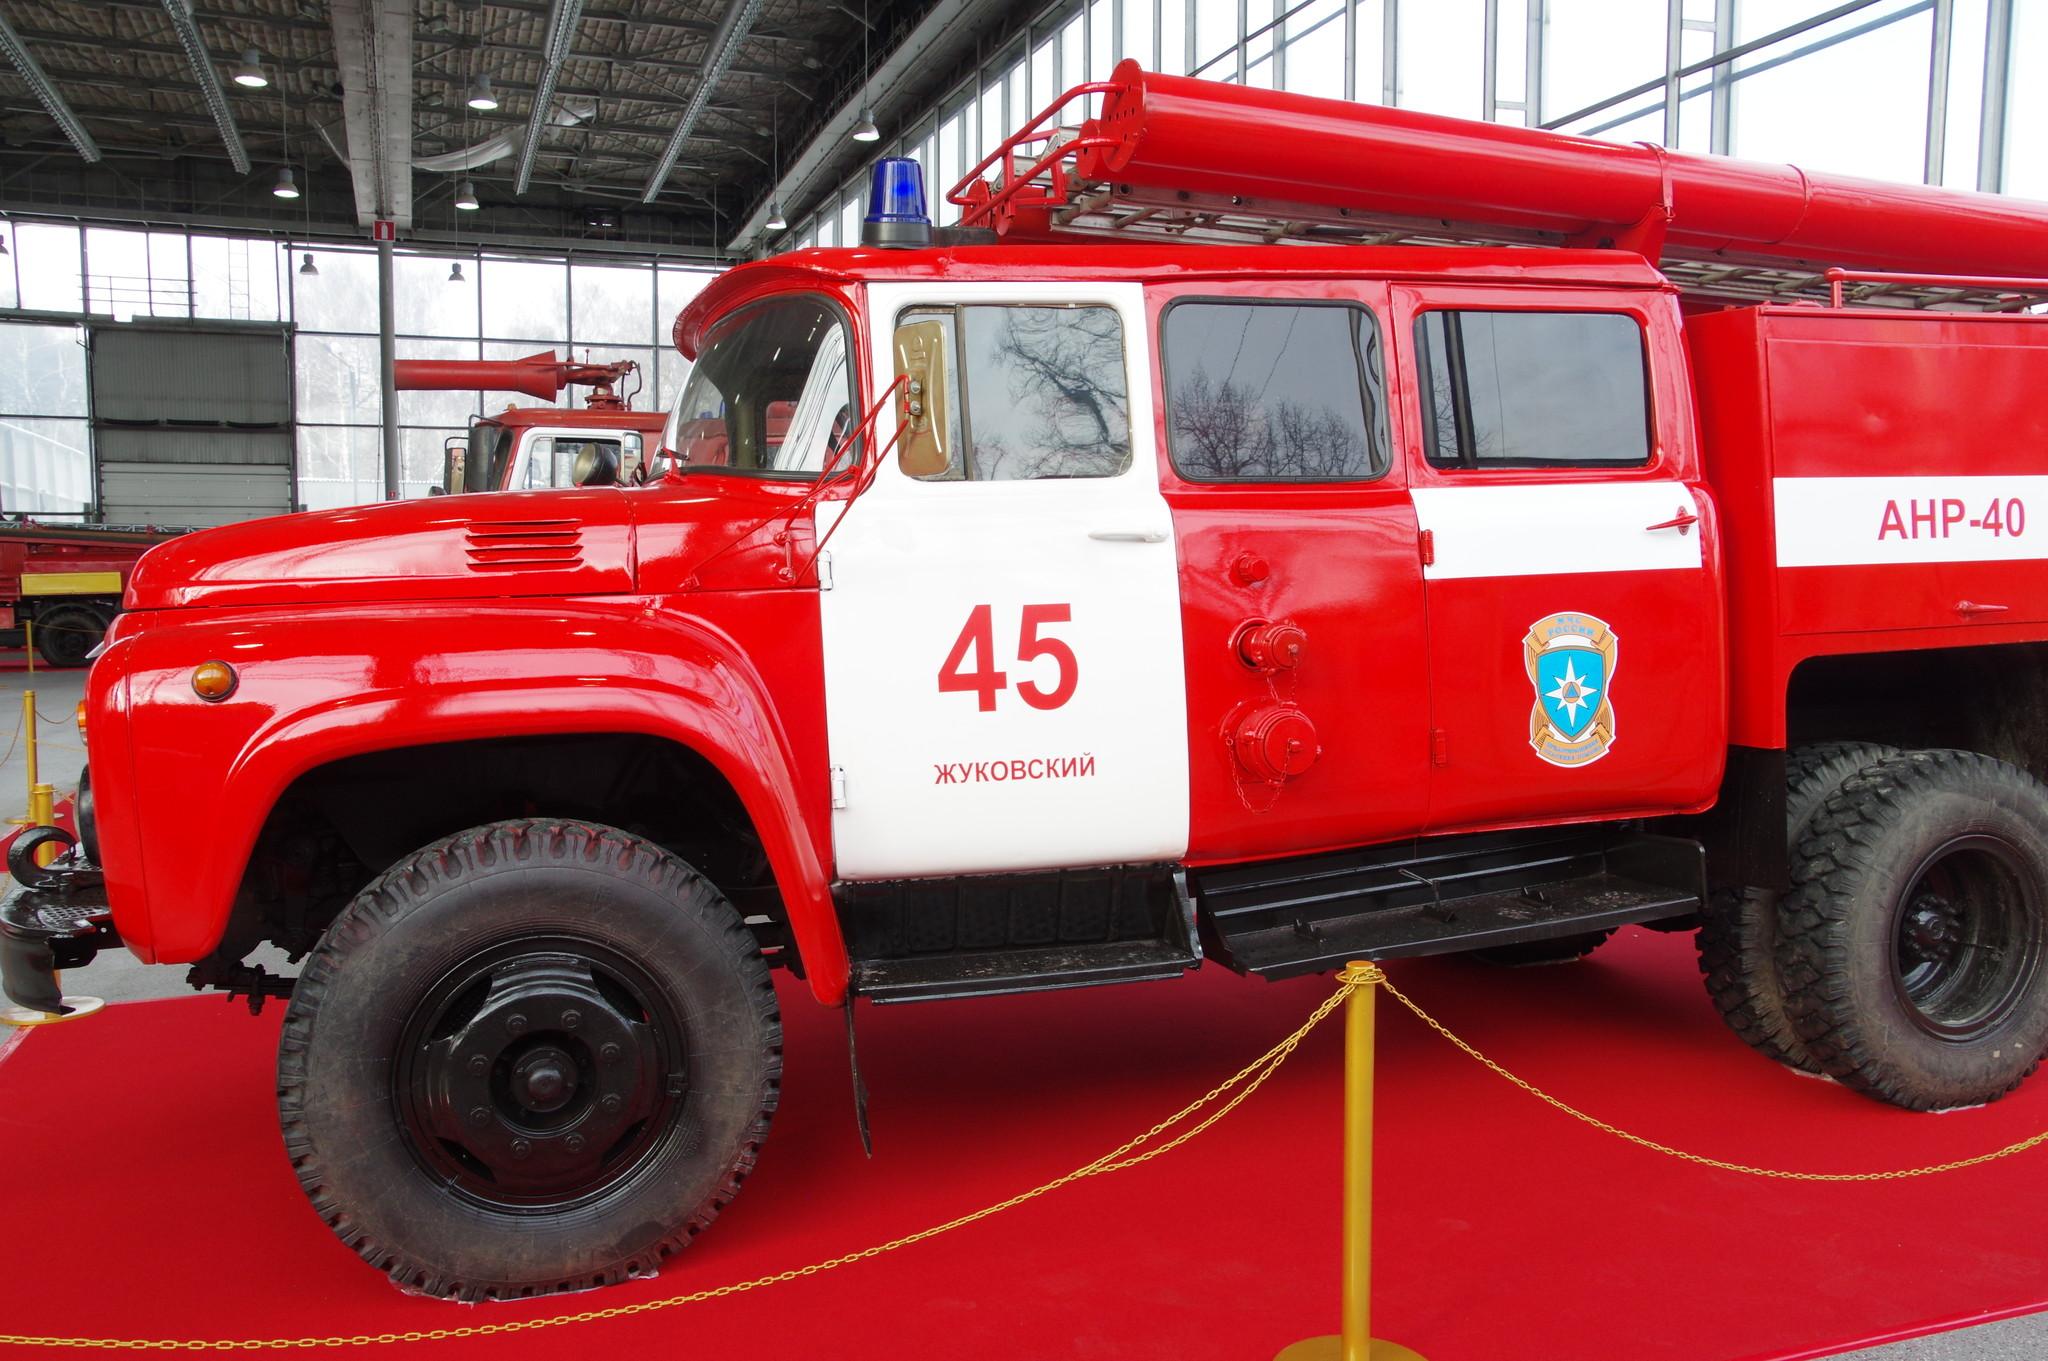 Автомобиль насосно-рукавный АНР-40(130) модель 127Б на шасси ЗИЛ-130